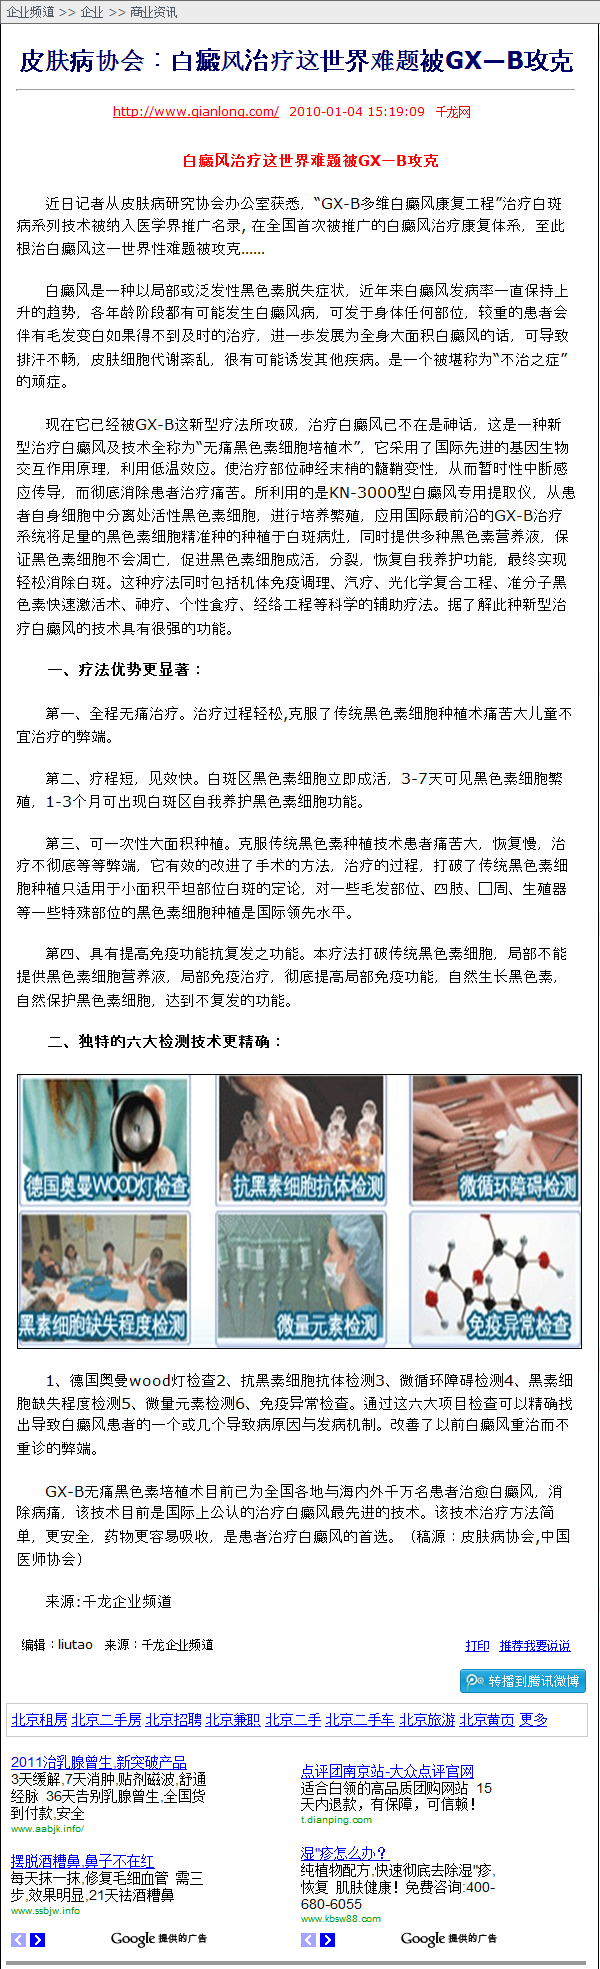 千龙网--企业频道--皮肤病协会:白癜风治疗这世界难题被GX—B攻克.png